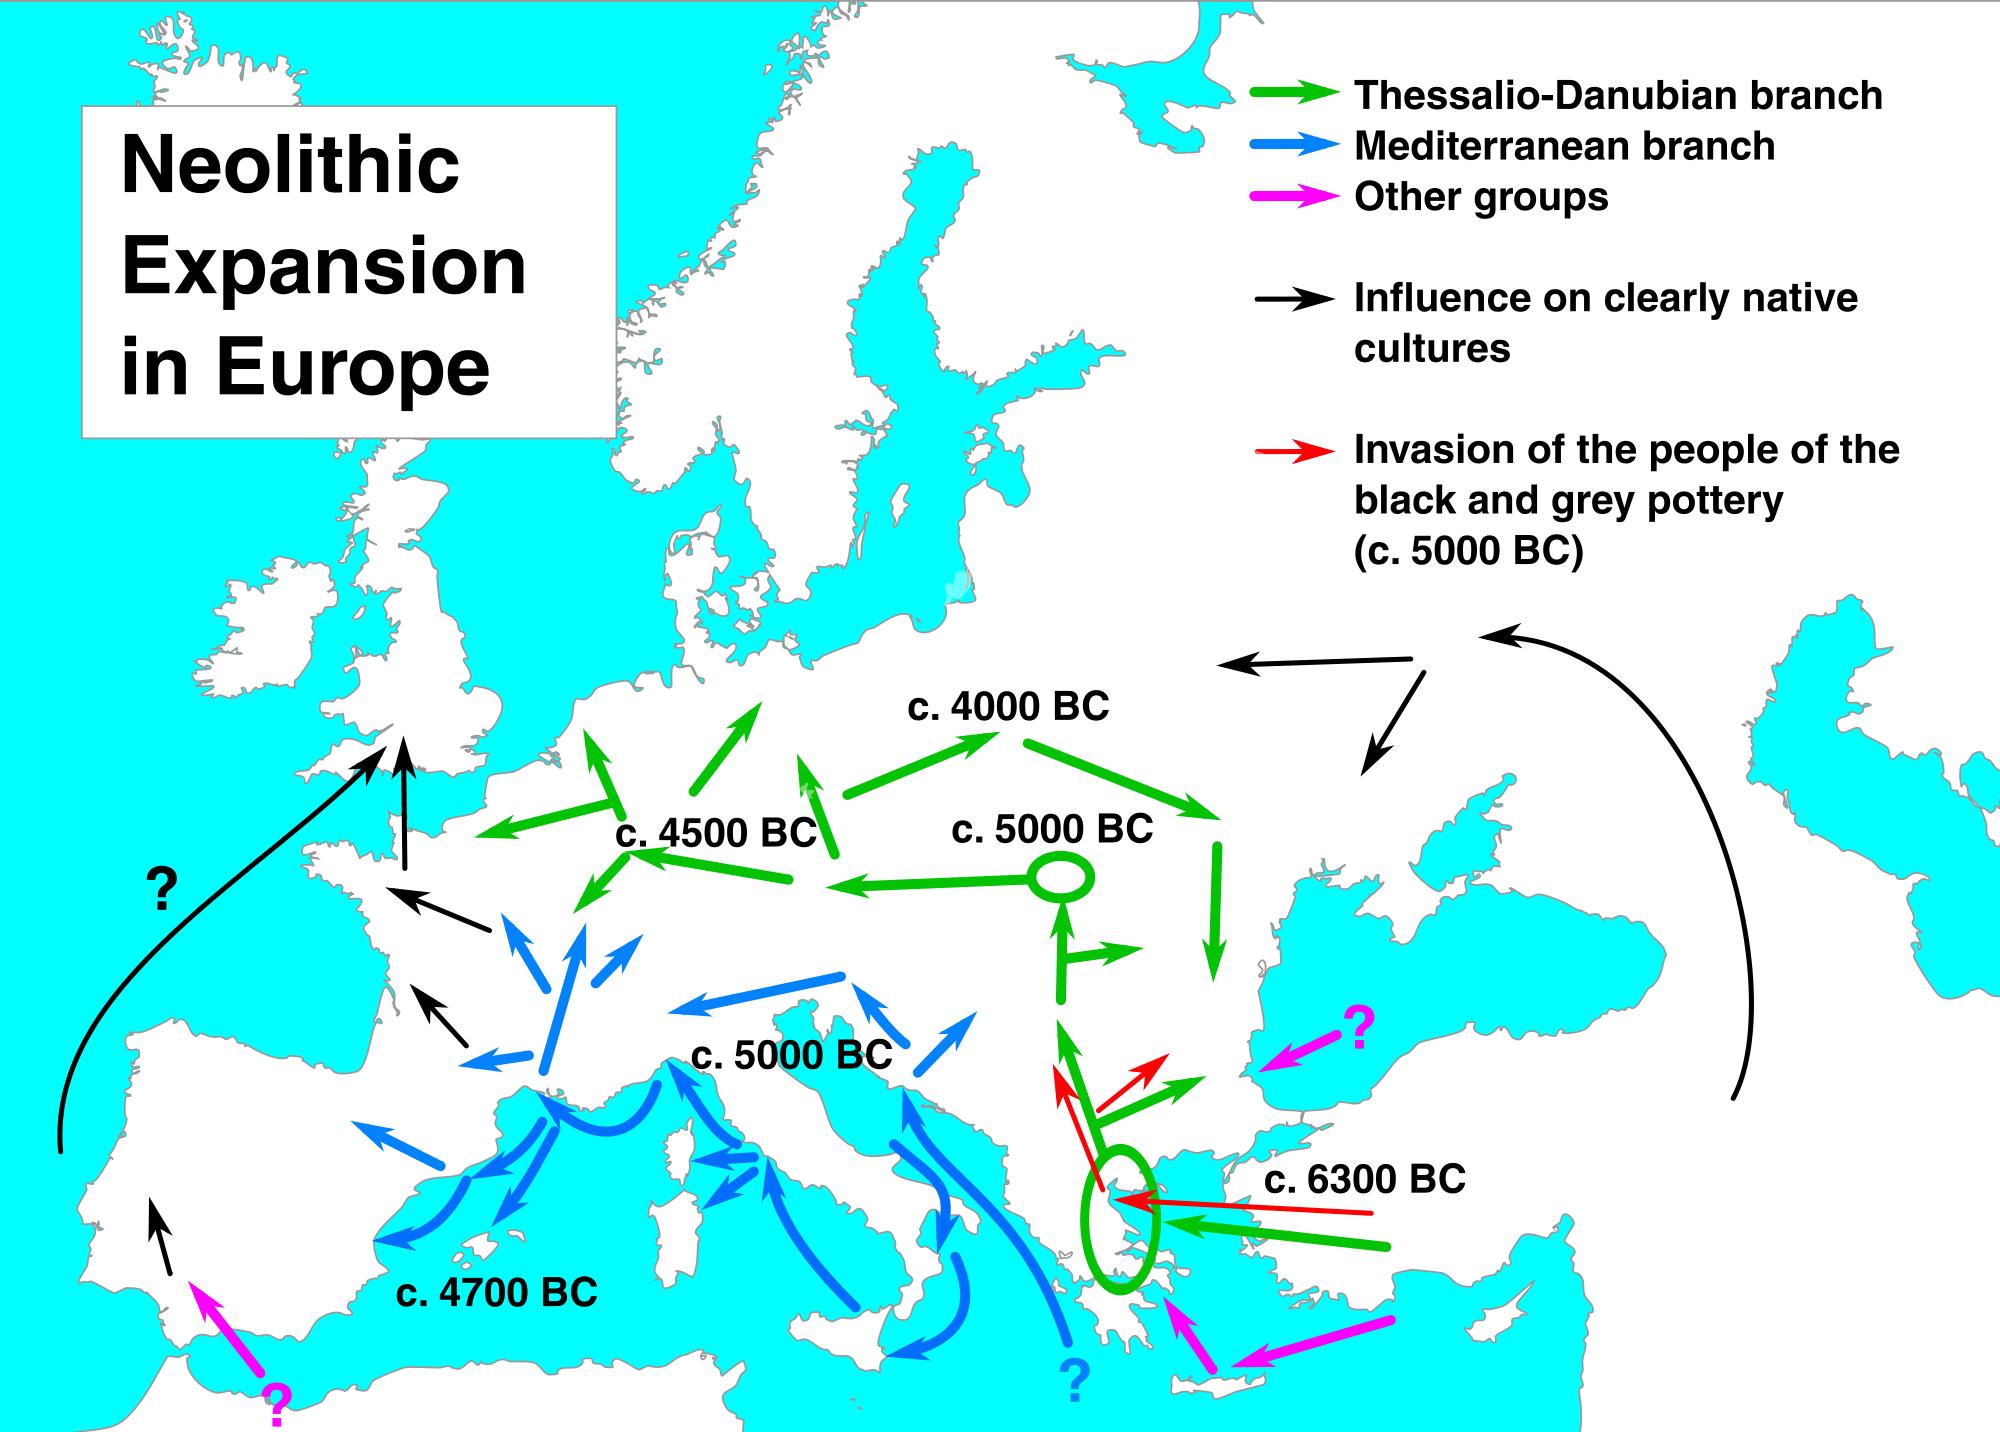 Expansión neolítica en Europa 6300-4000 aC